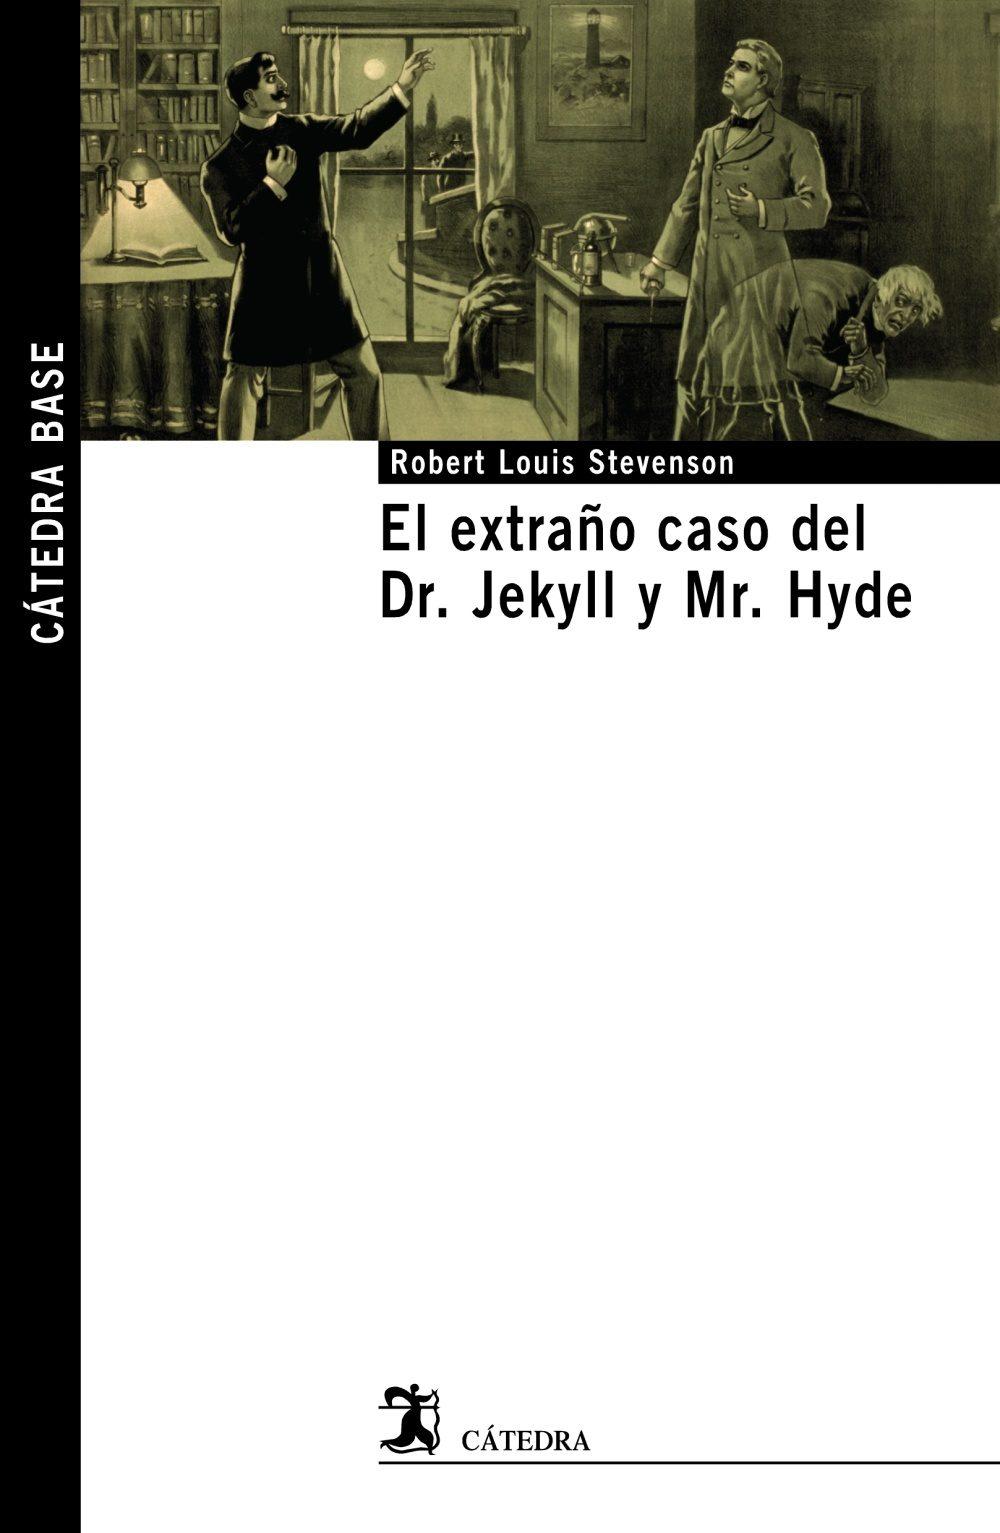 el extraño caso del dr. jekyll y mr. hyde-robert louis stevenson-9788437627878